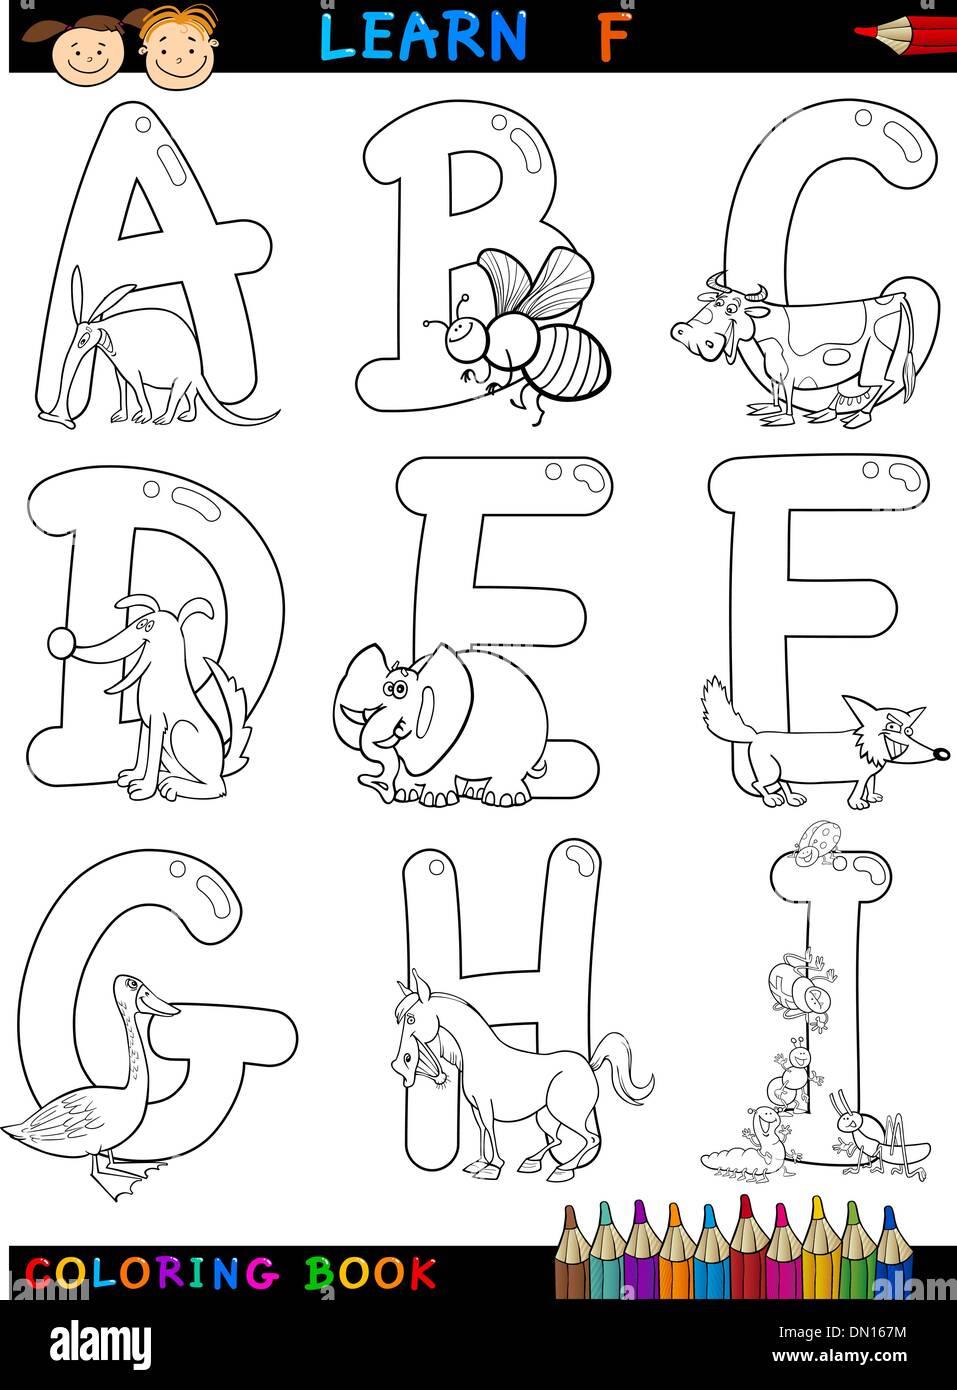 Cartoon-Alphabet mit Tieren zum Ausmalen Stock-Vektorgrafik - Alamy